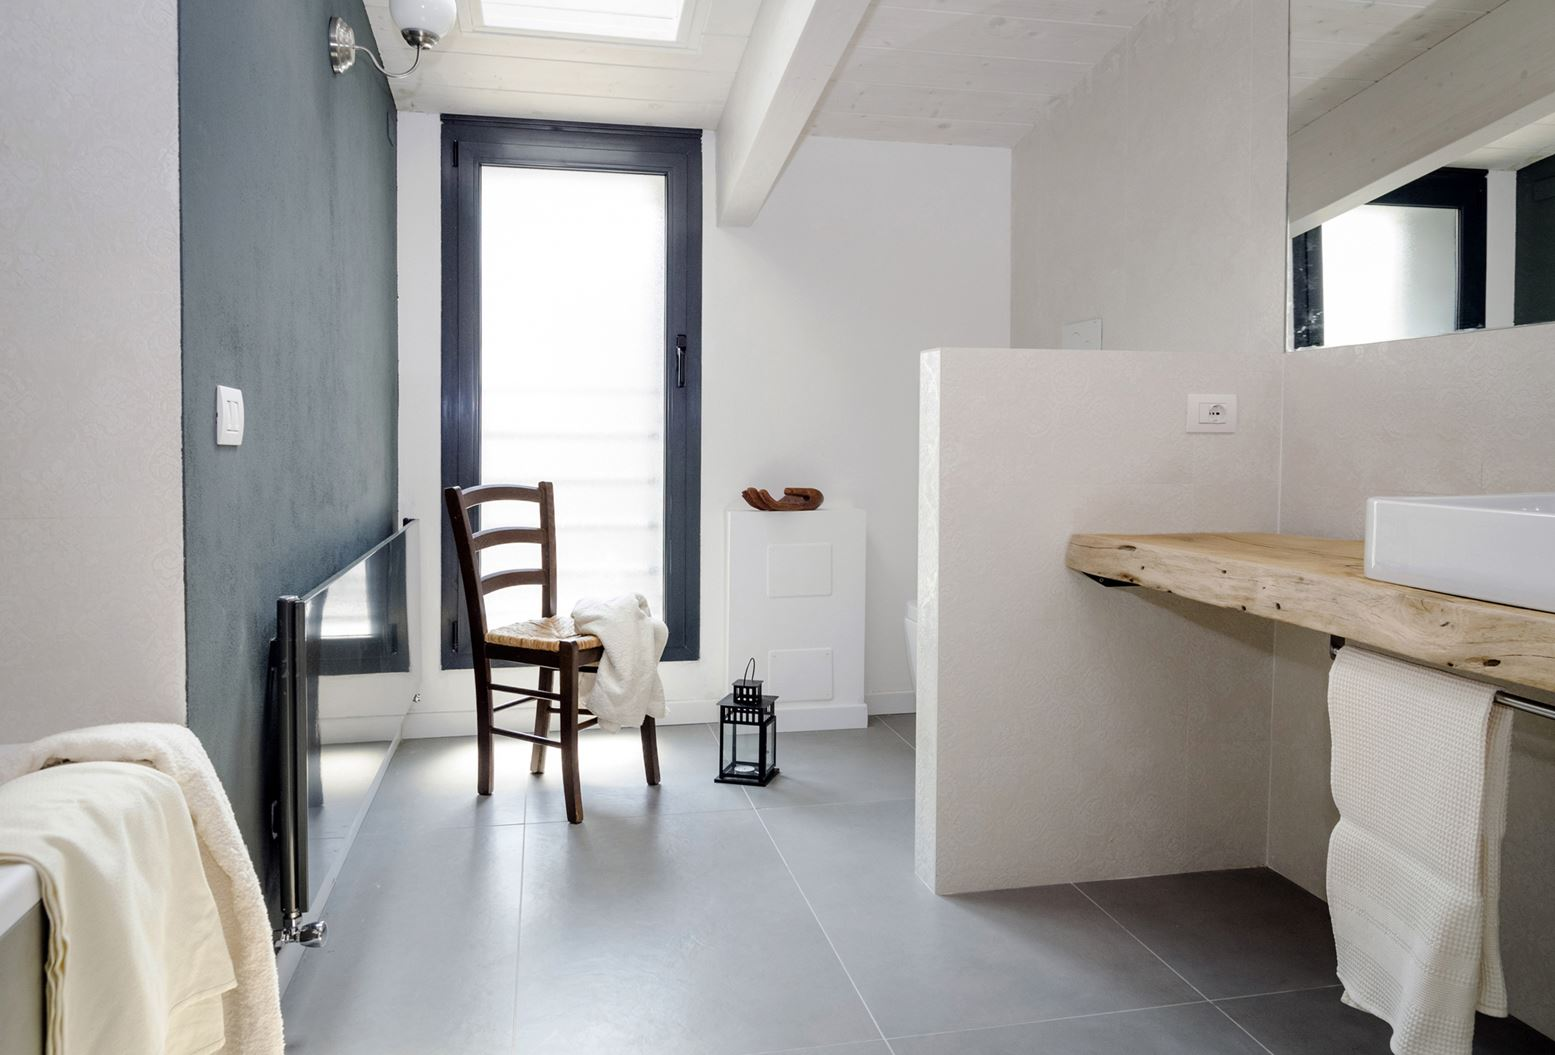 Bagno Con Soffitto In Legno: Da cascina a casa chic con travi ...